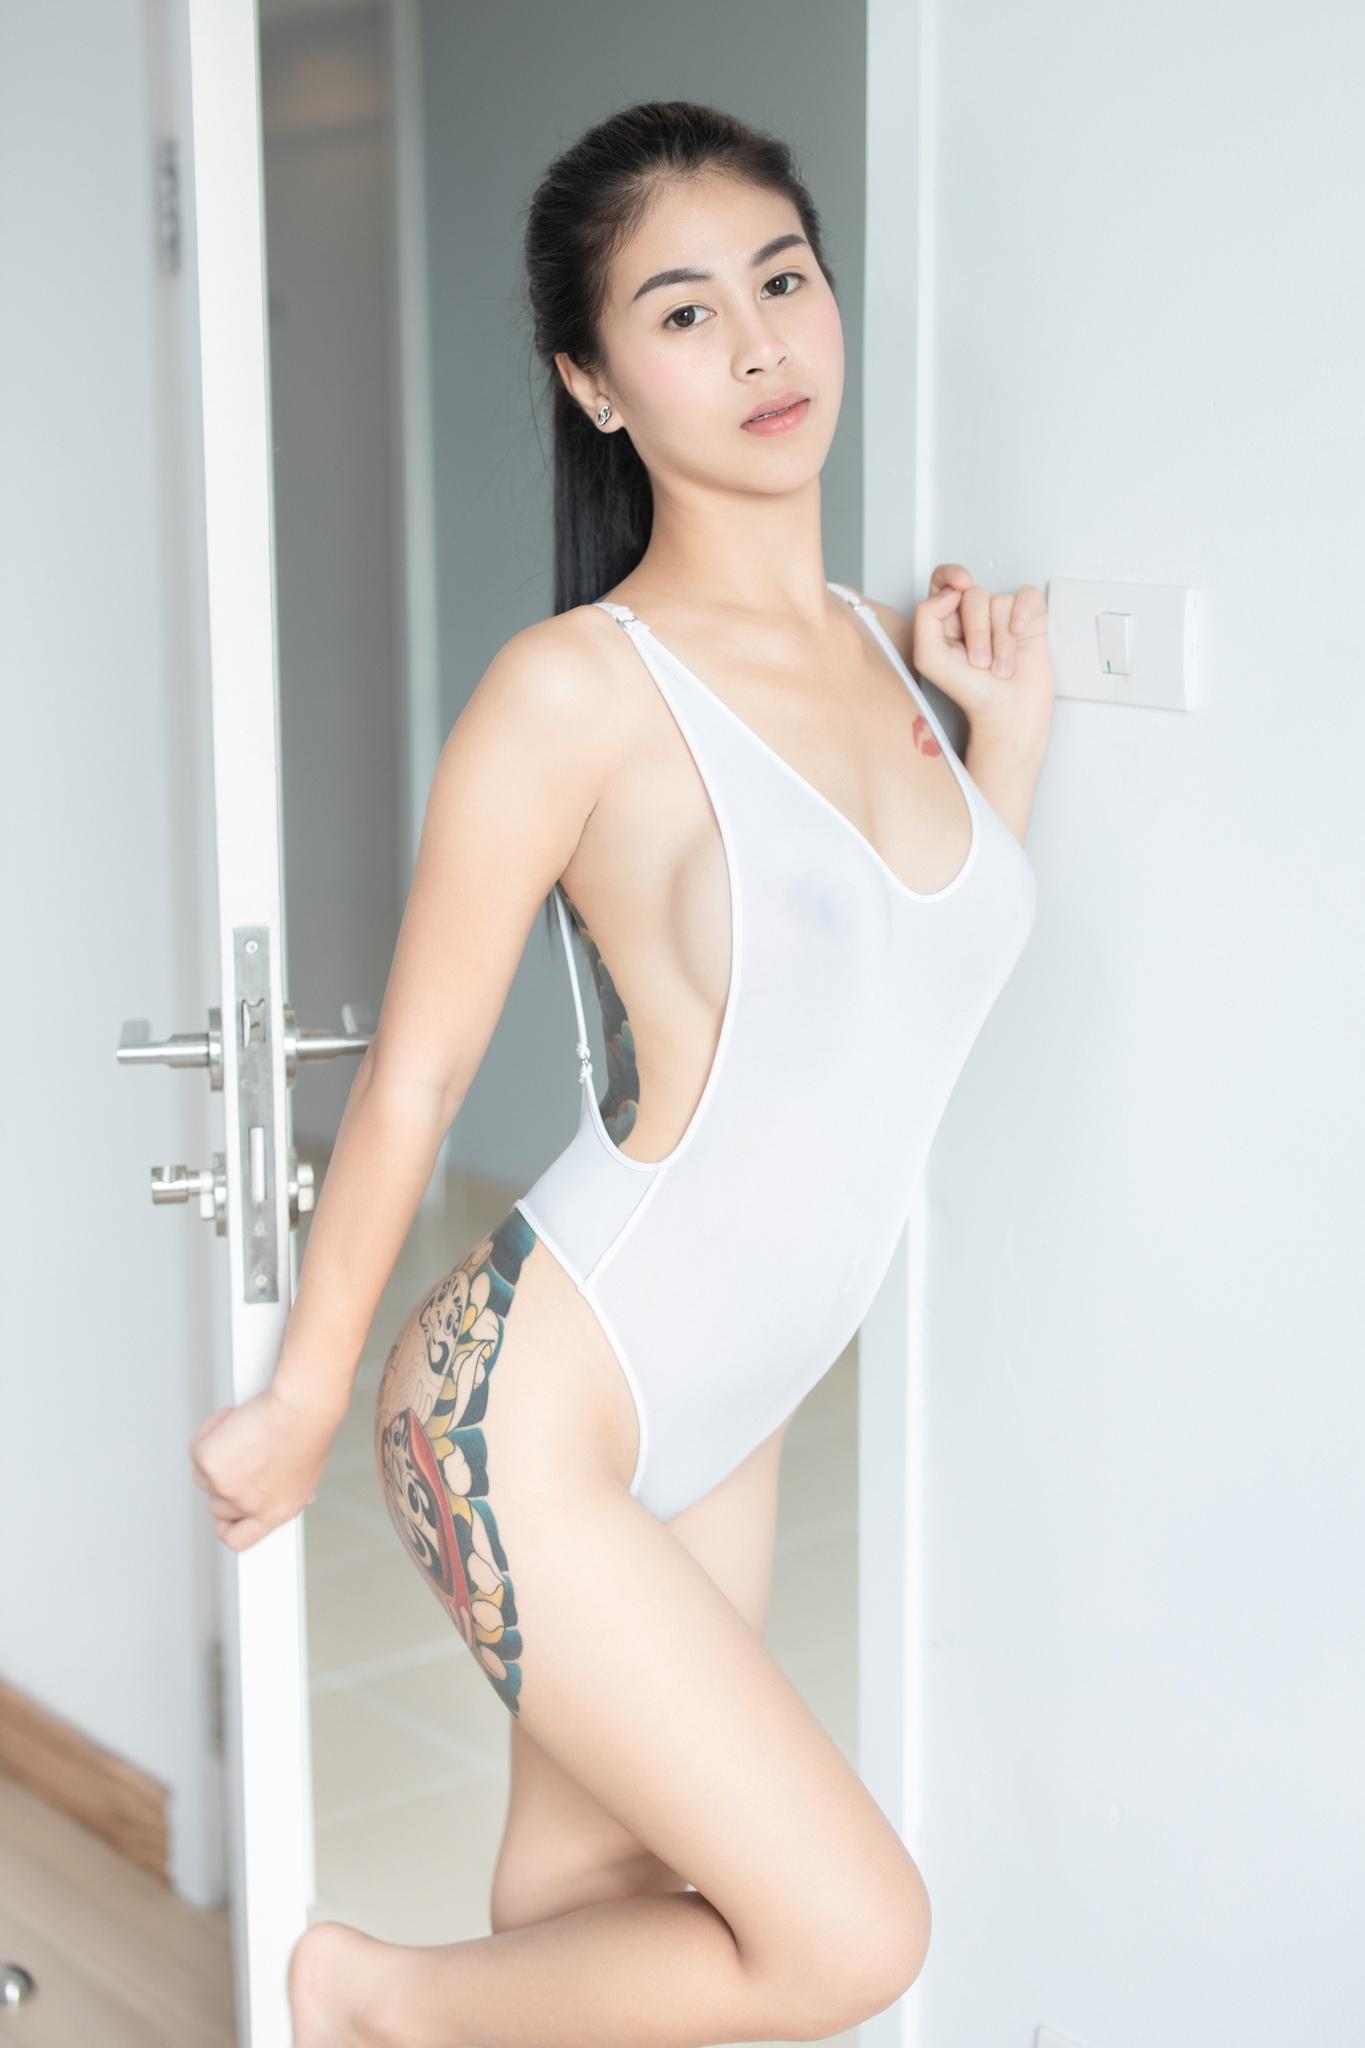 ออย รอยจูบ สาวสวยเซ็กซี่เน็ตไอดอล เรท 18+ นม